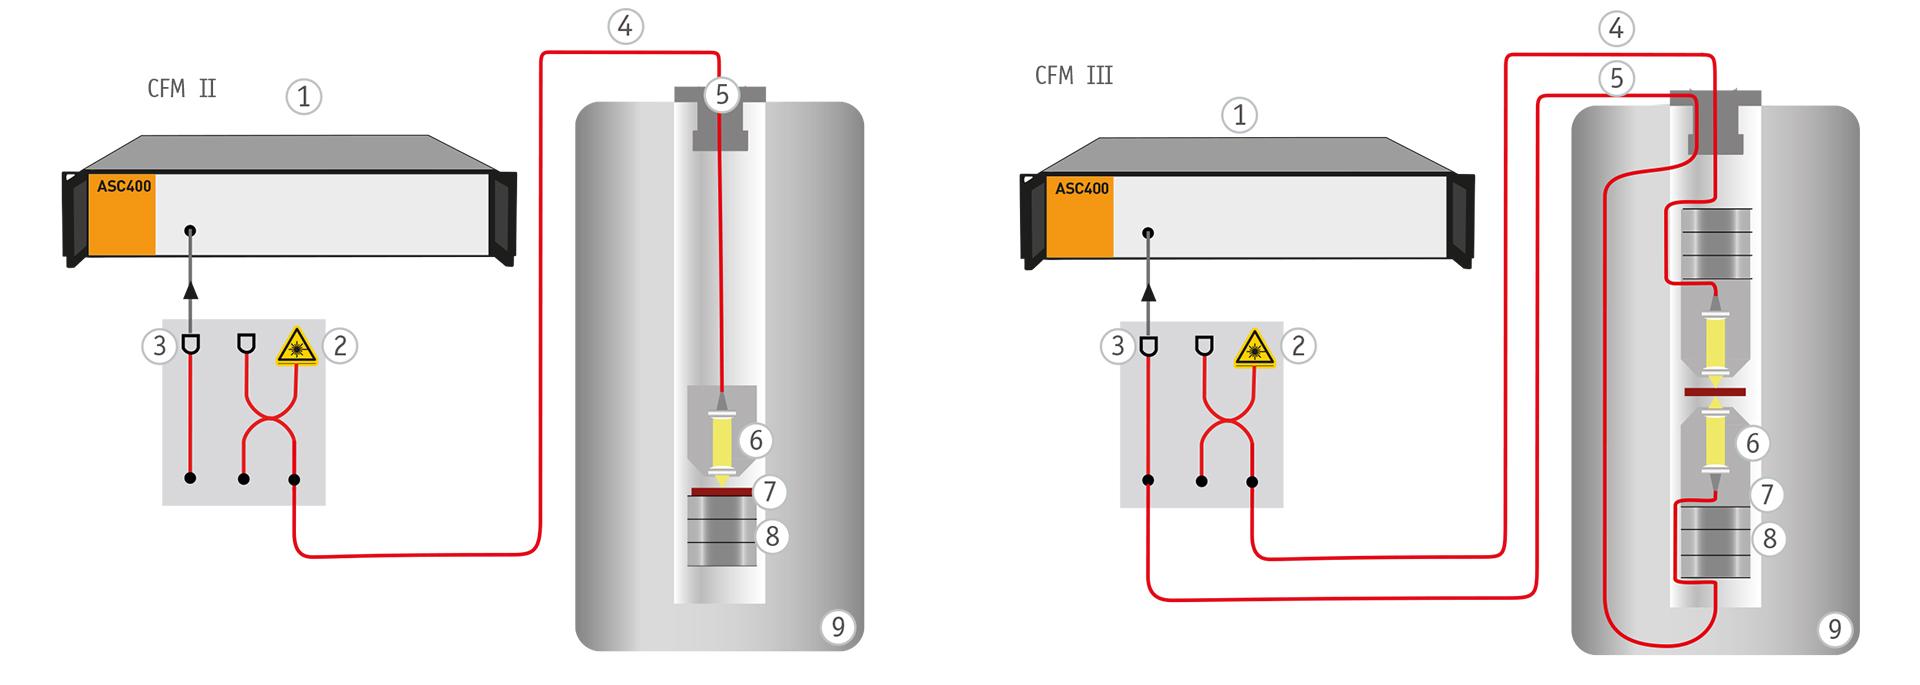 fundamentals, cfm fiber based setup